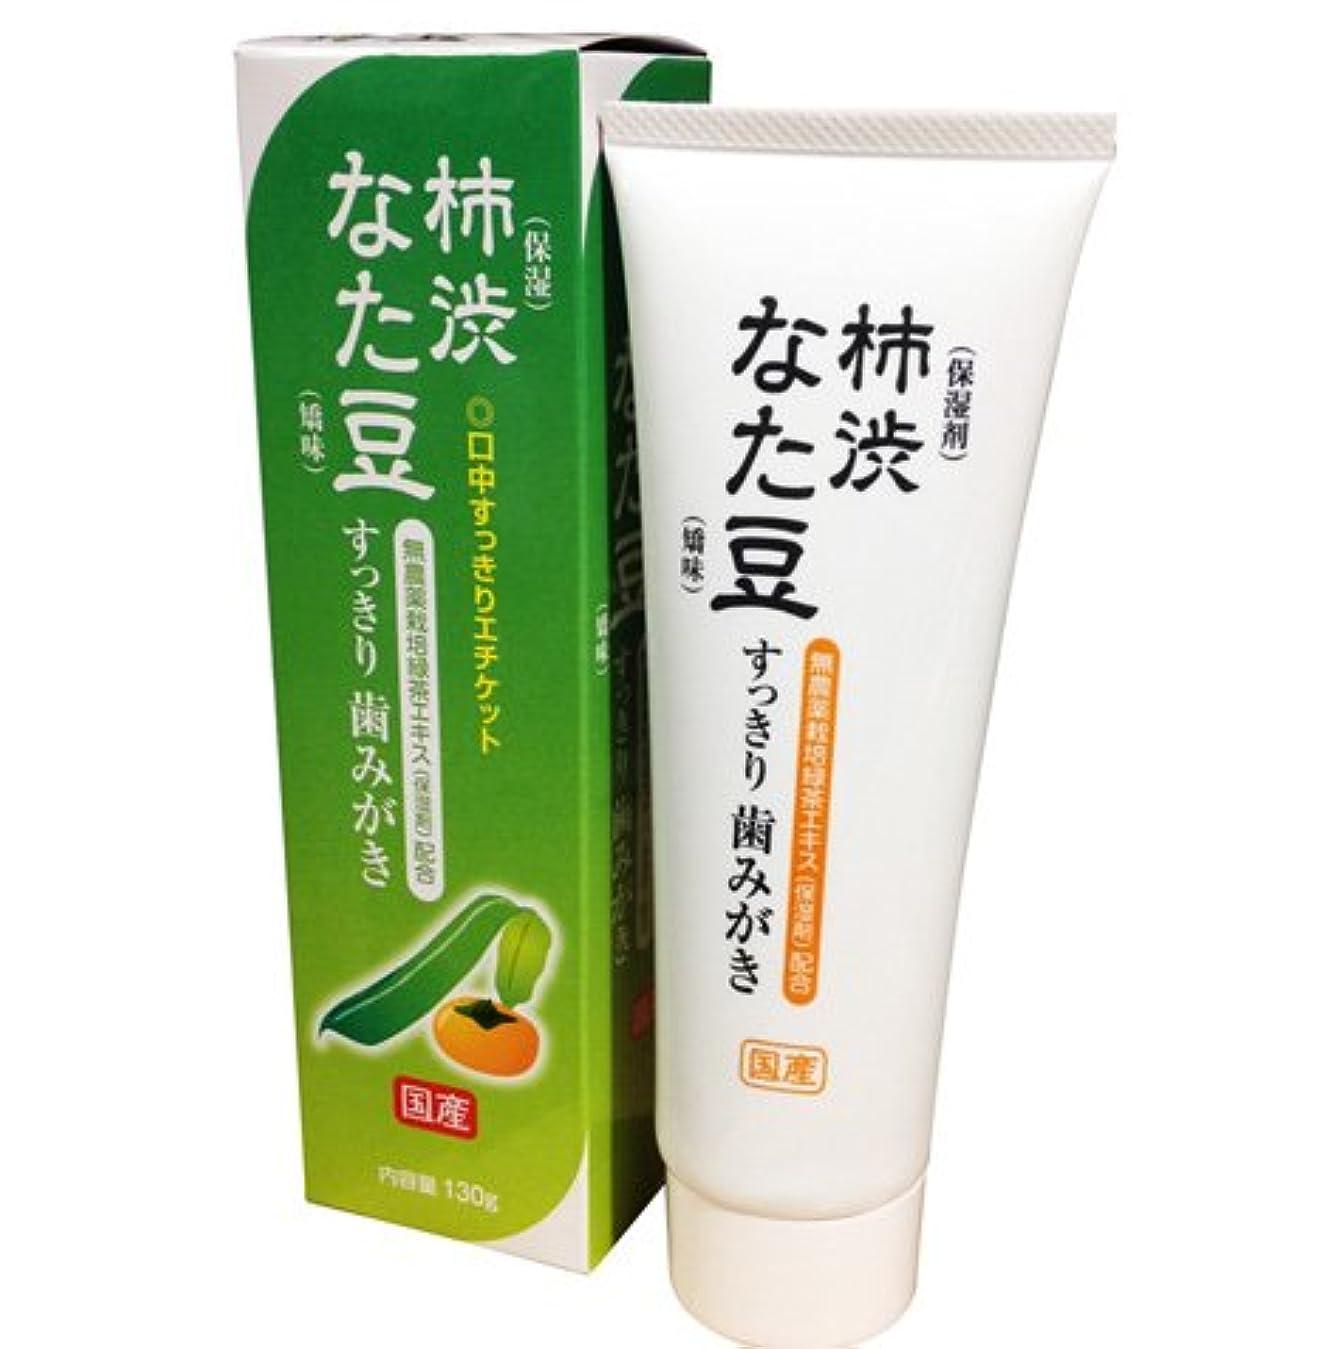 ウナギ農学排気なた豆柿渋歯磨き 130g